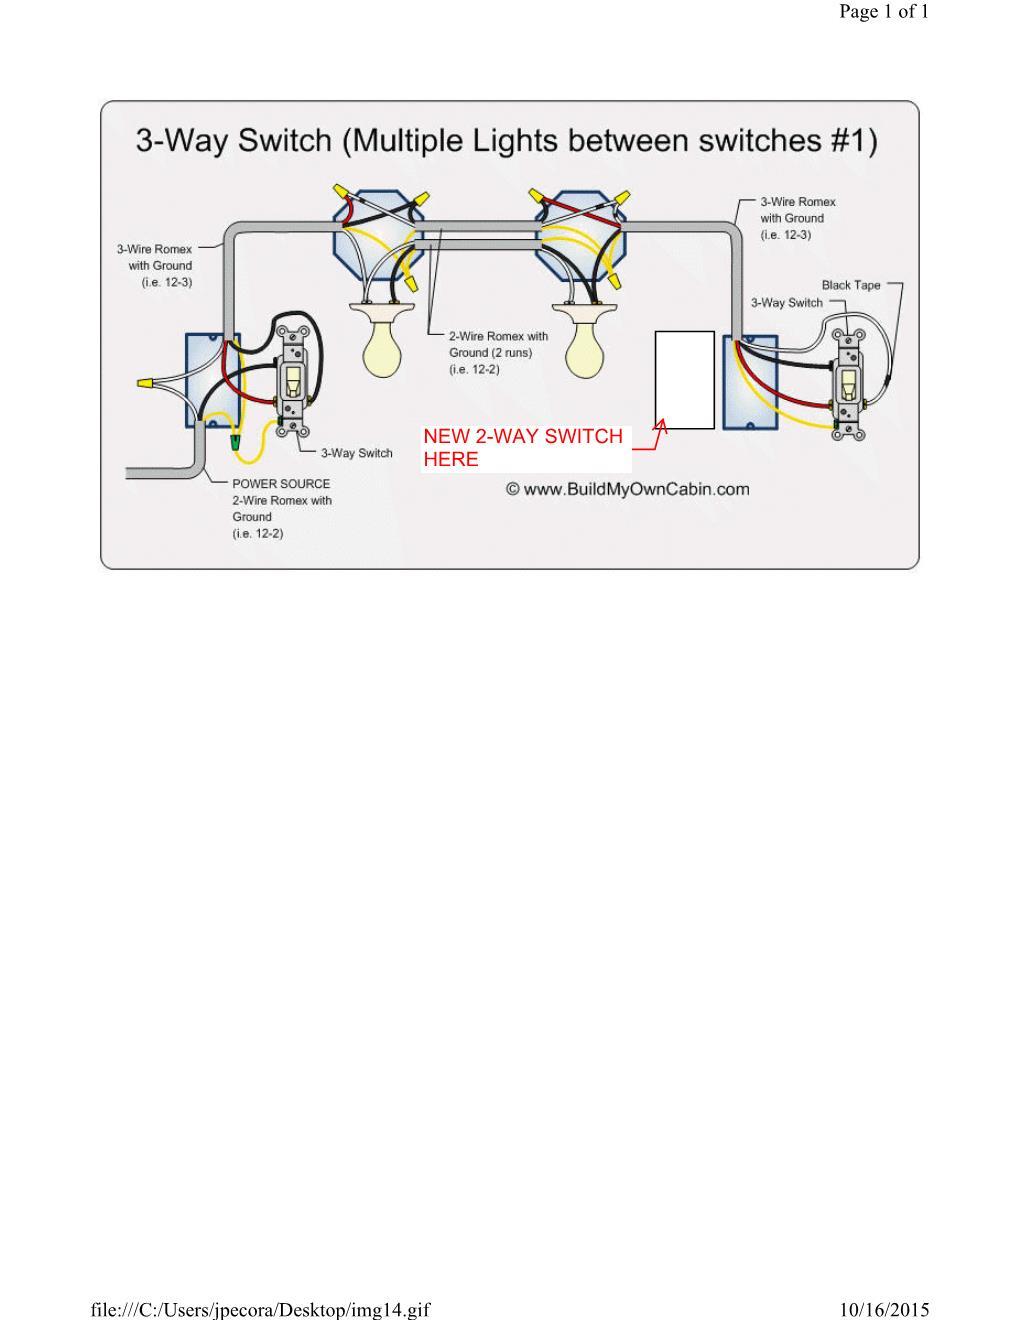 [DIAGRAM_38YU]  Wiring Diagram 3 Way 1 Pole - 2000 Ford F 150 Wires Diagram for Wiring  Diagram Schematics | 1 Pole Wiring Diagram |  | Wiring Diagram Schematics